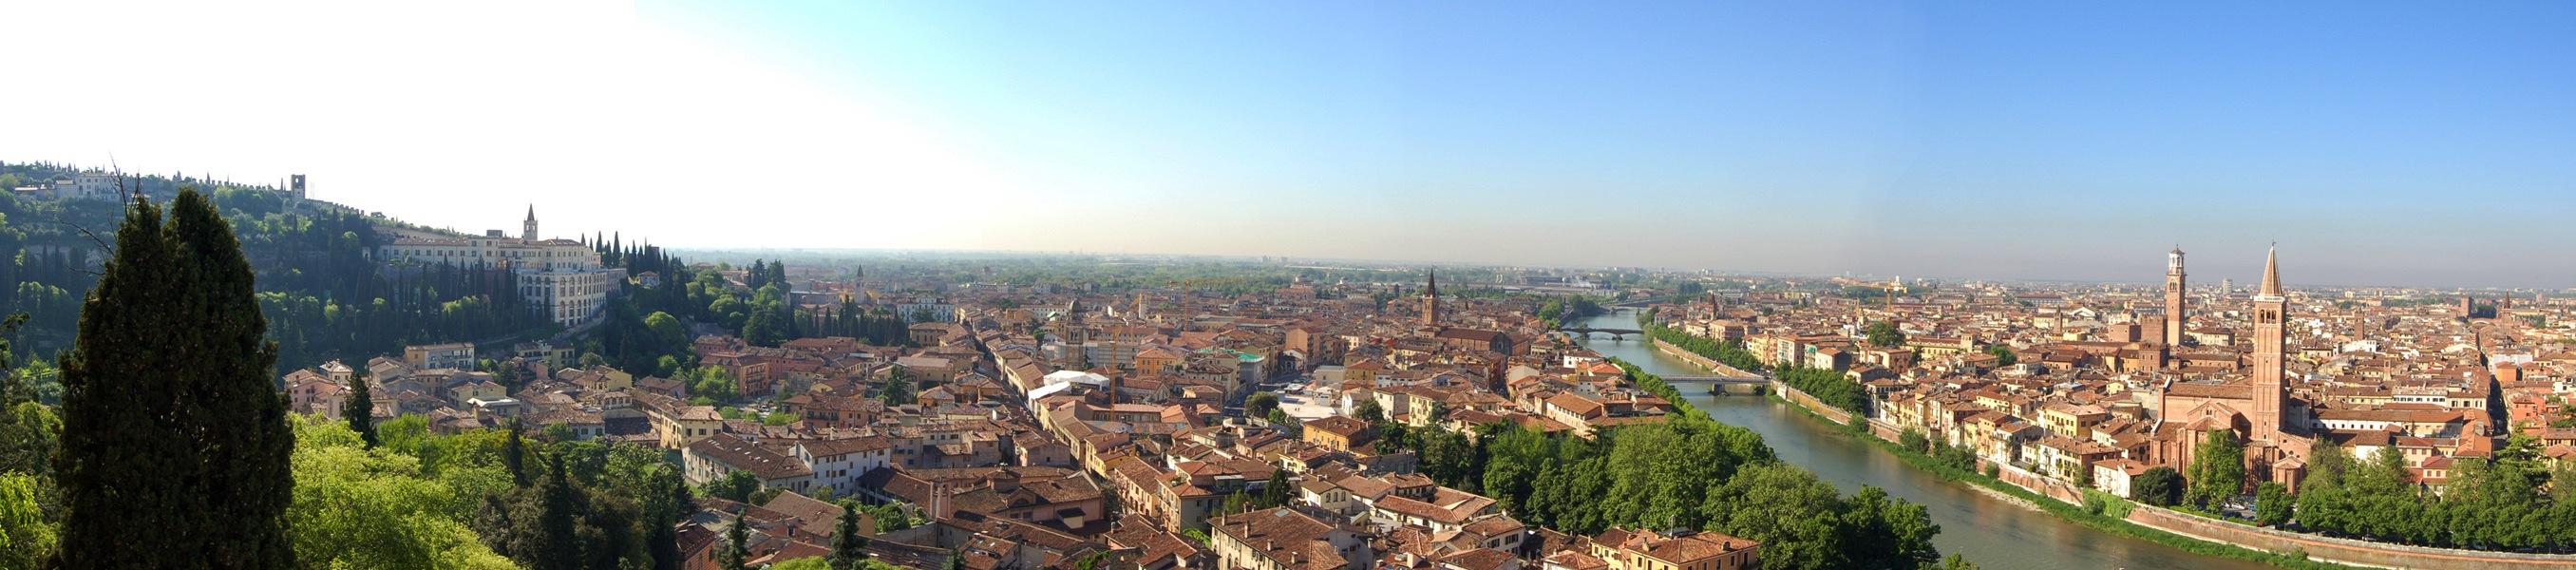 Vendita Ville nel Castello - Verona - Veneto - Italia Ville Casali ...